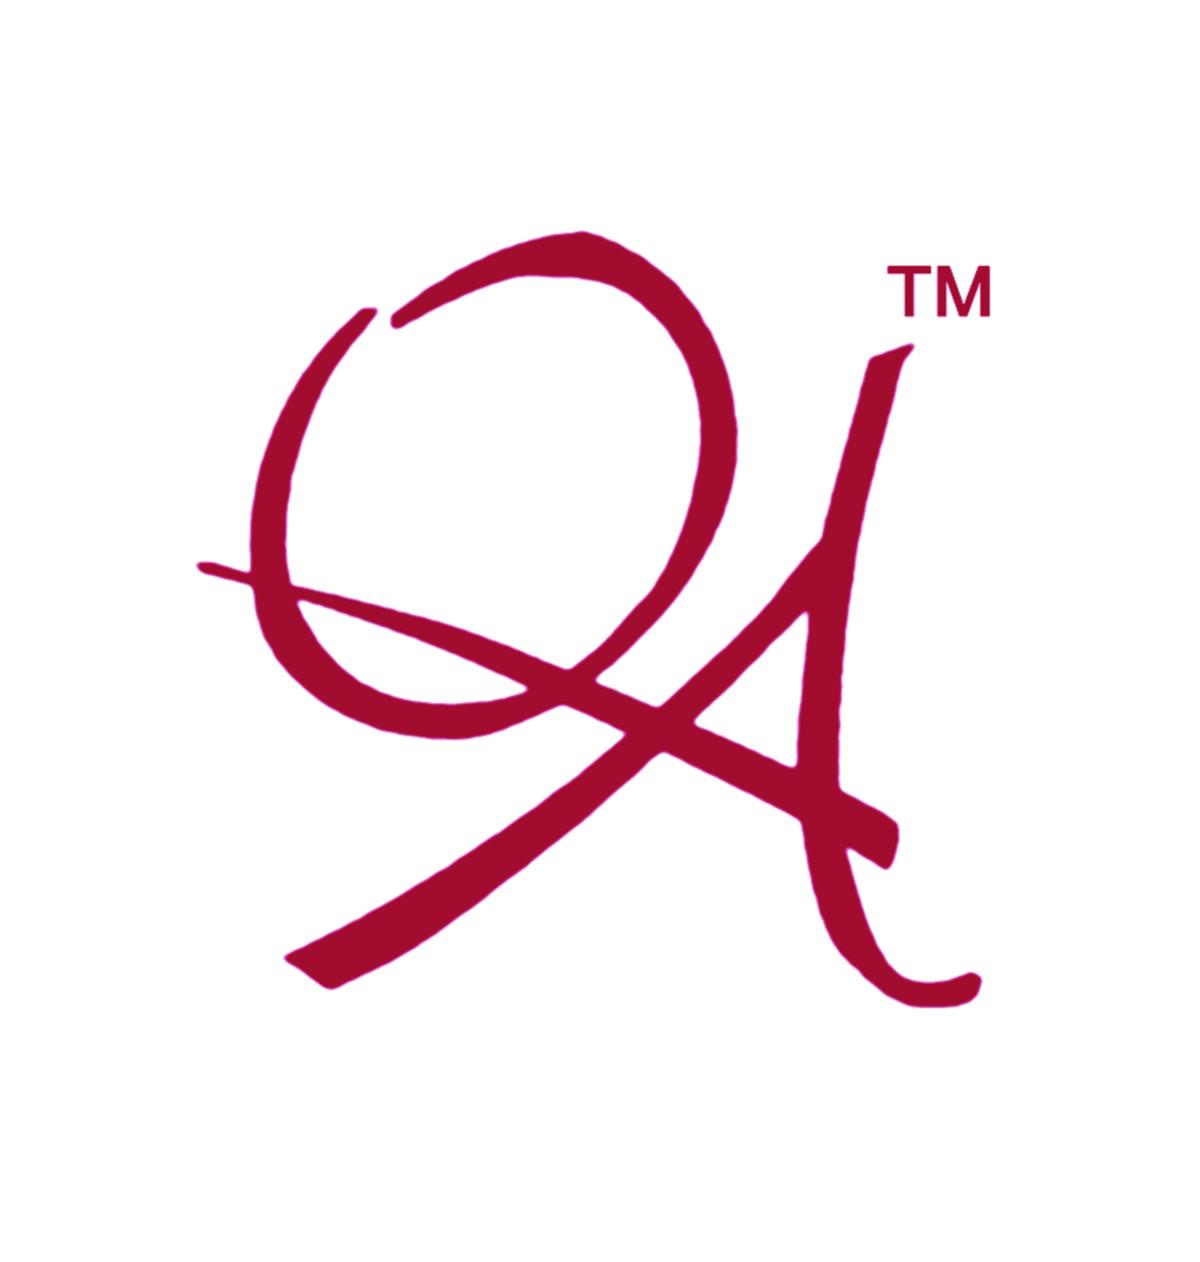 QA(TM)